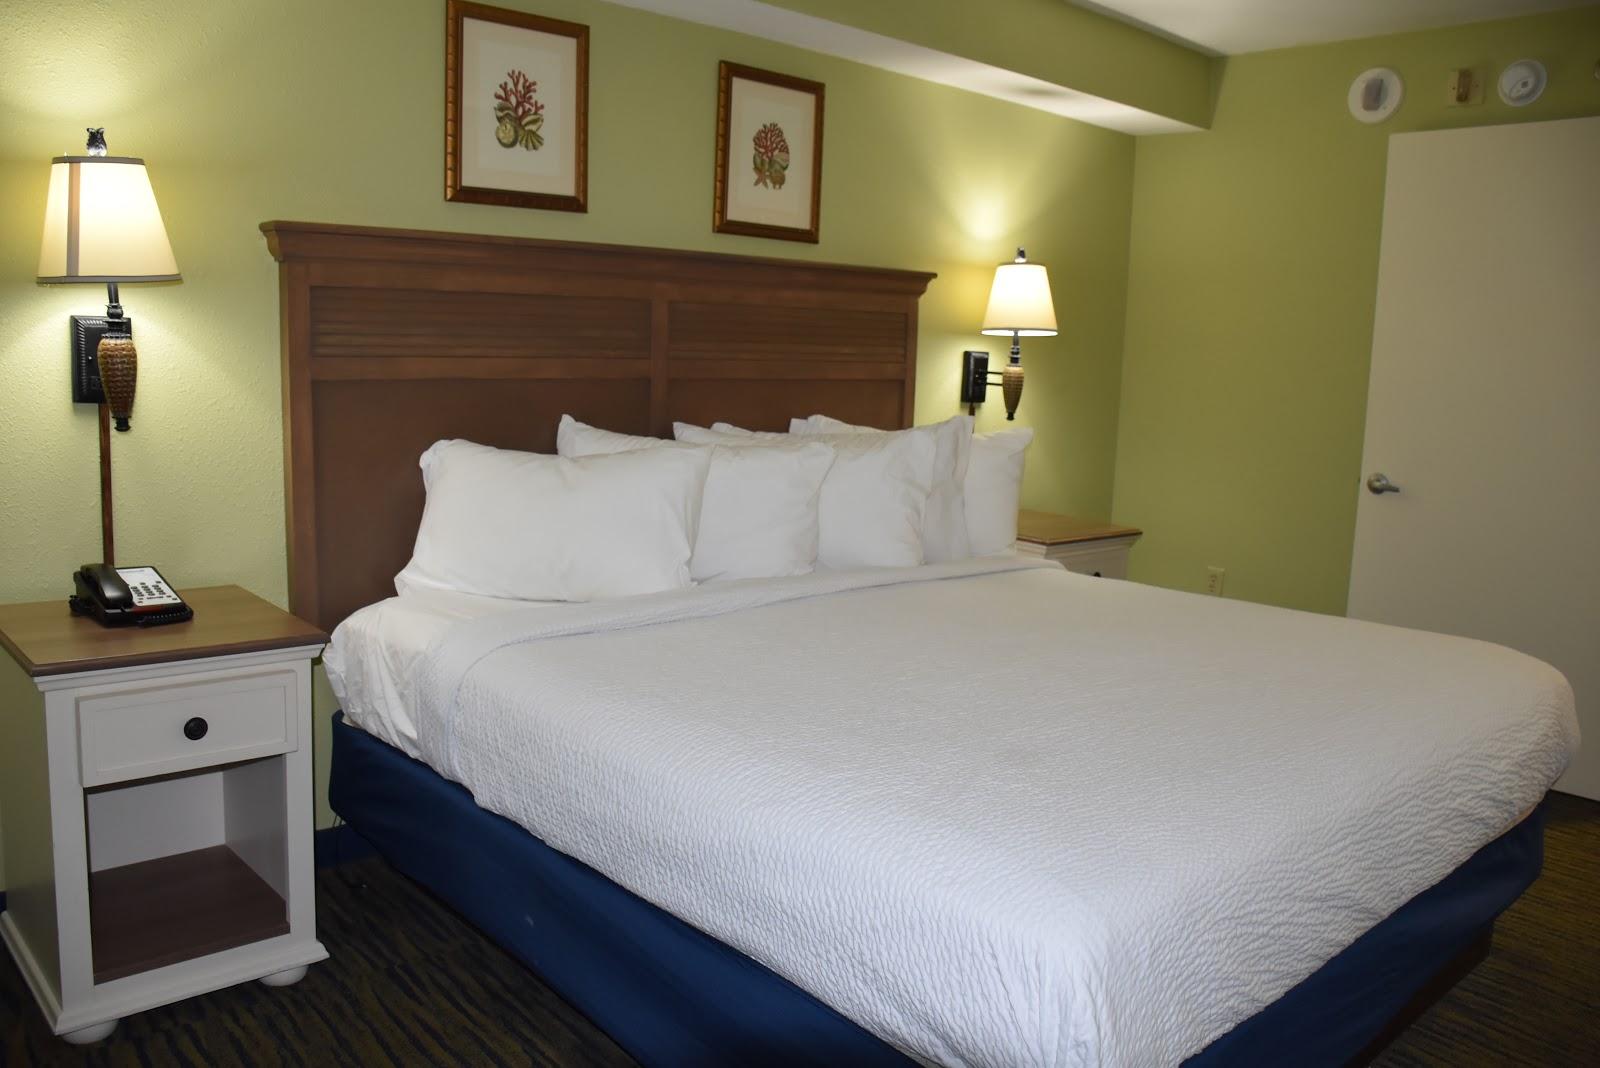 1 Bedroom Condo at Caribbean Resort and Villas in Myrtle Beach